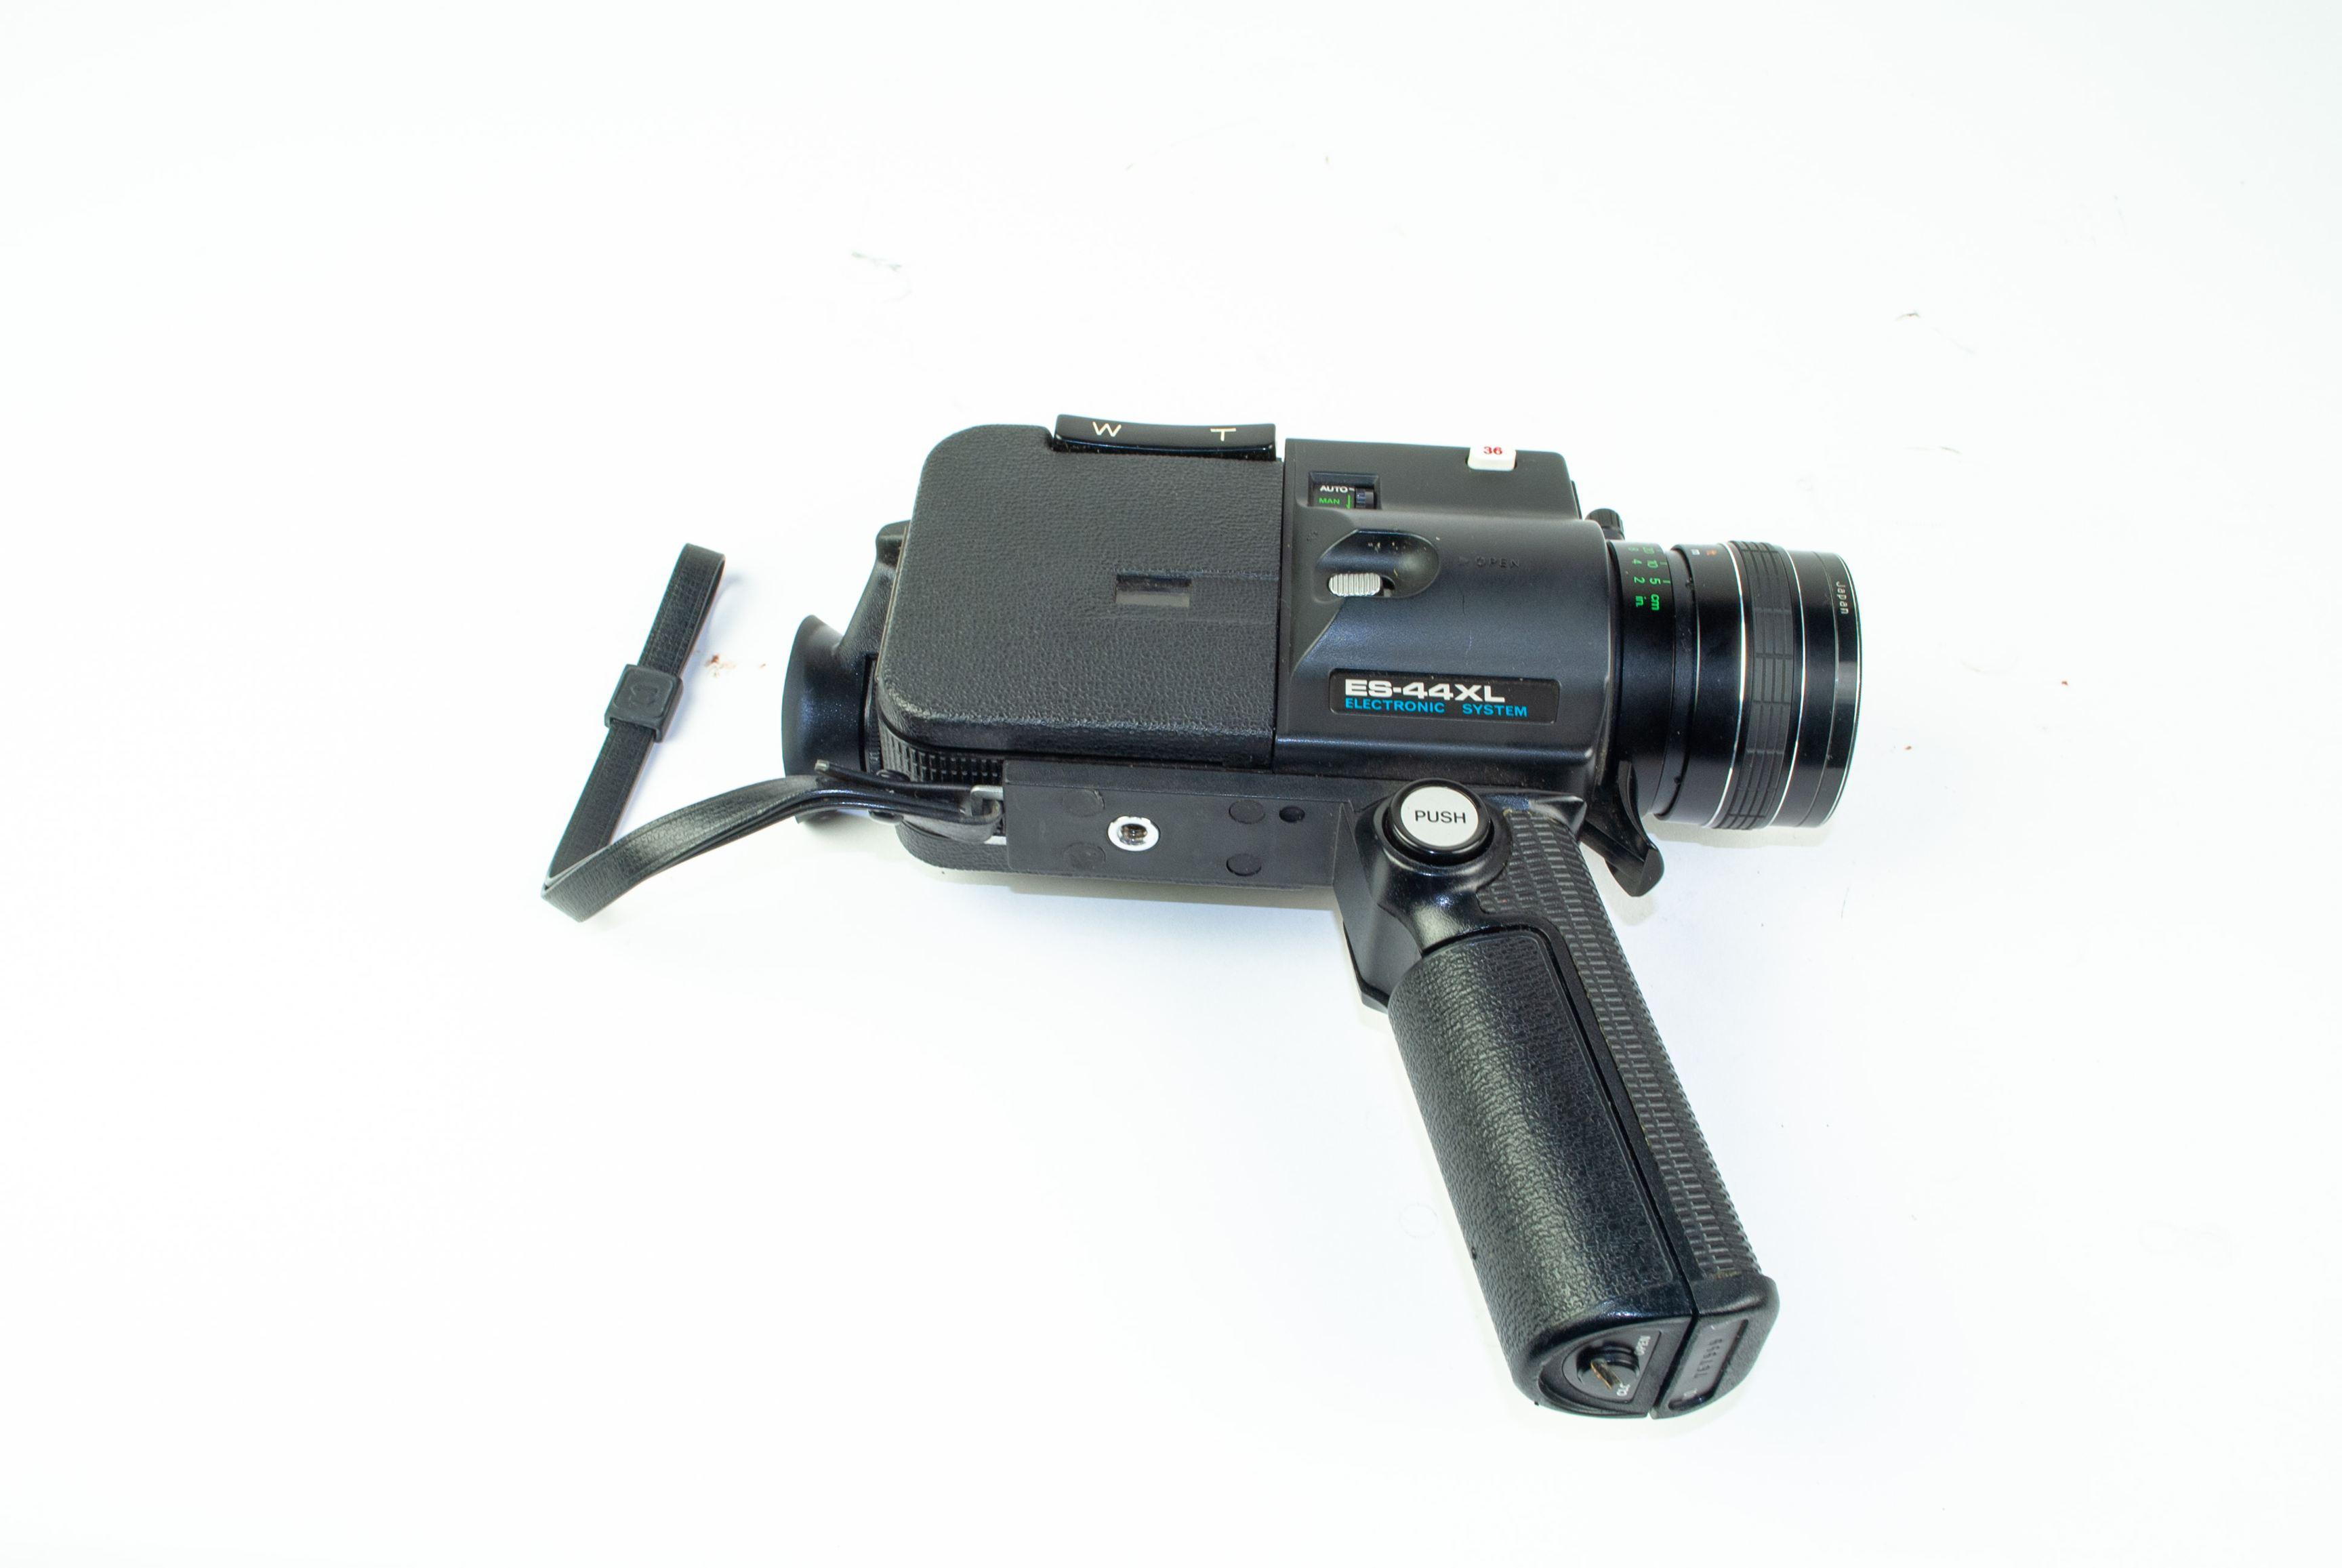 ES-44XL